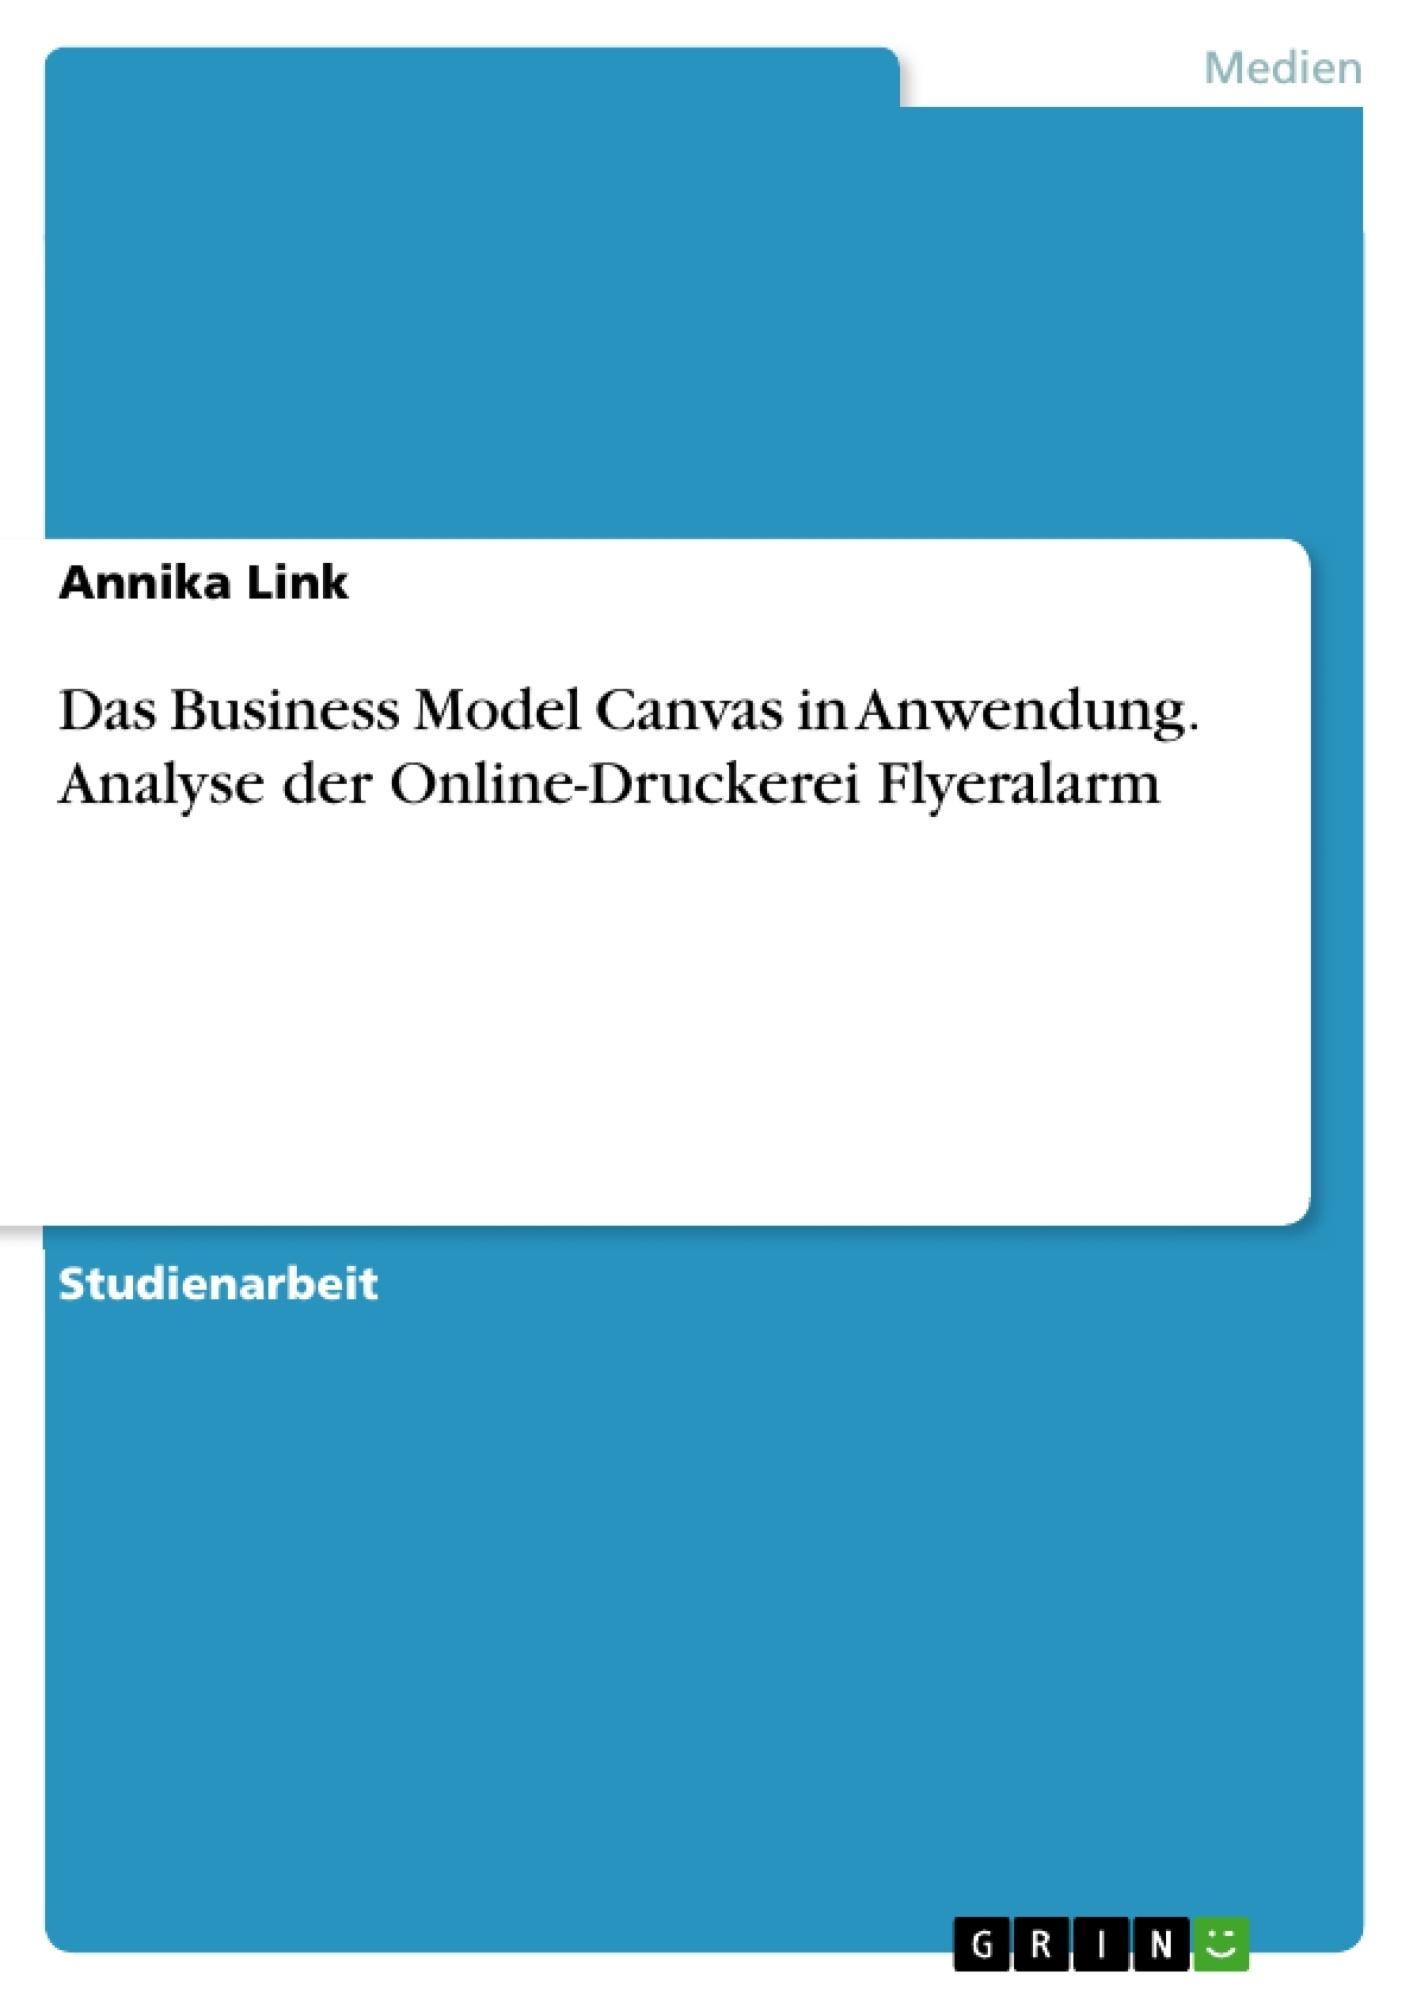 Titel: Das Business Model Canvas in Anwendung. Analyse der Online-Druckerei Flyeralarm